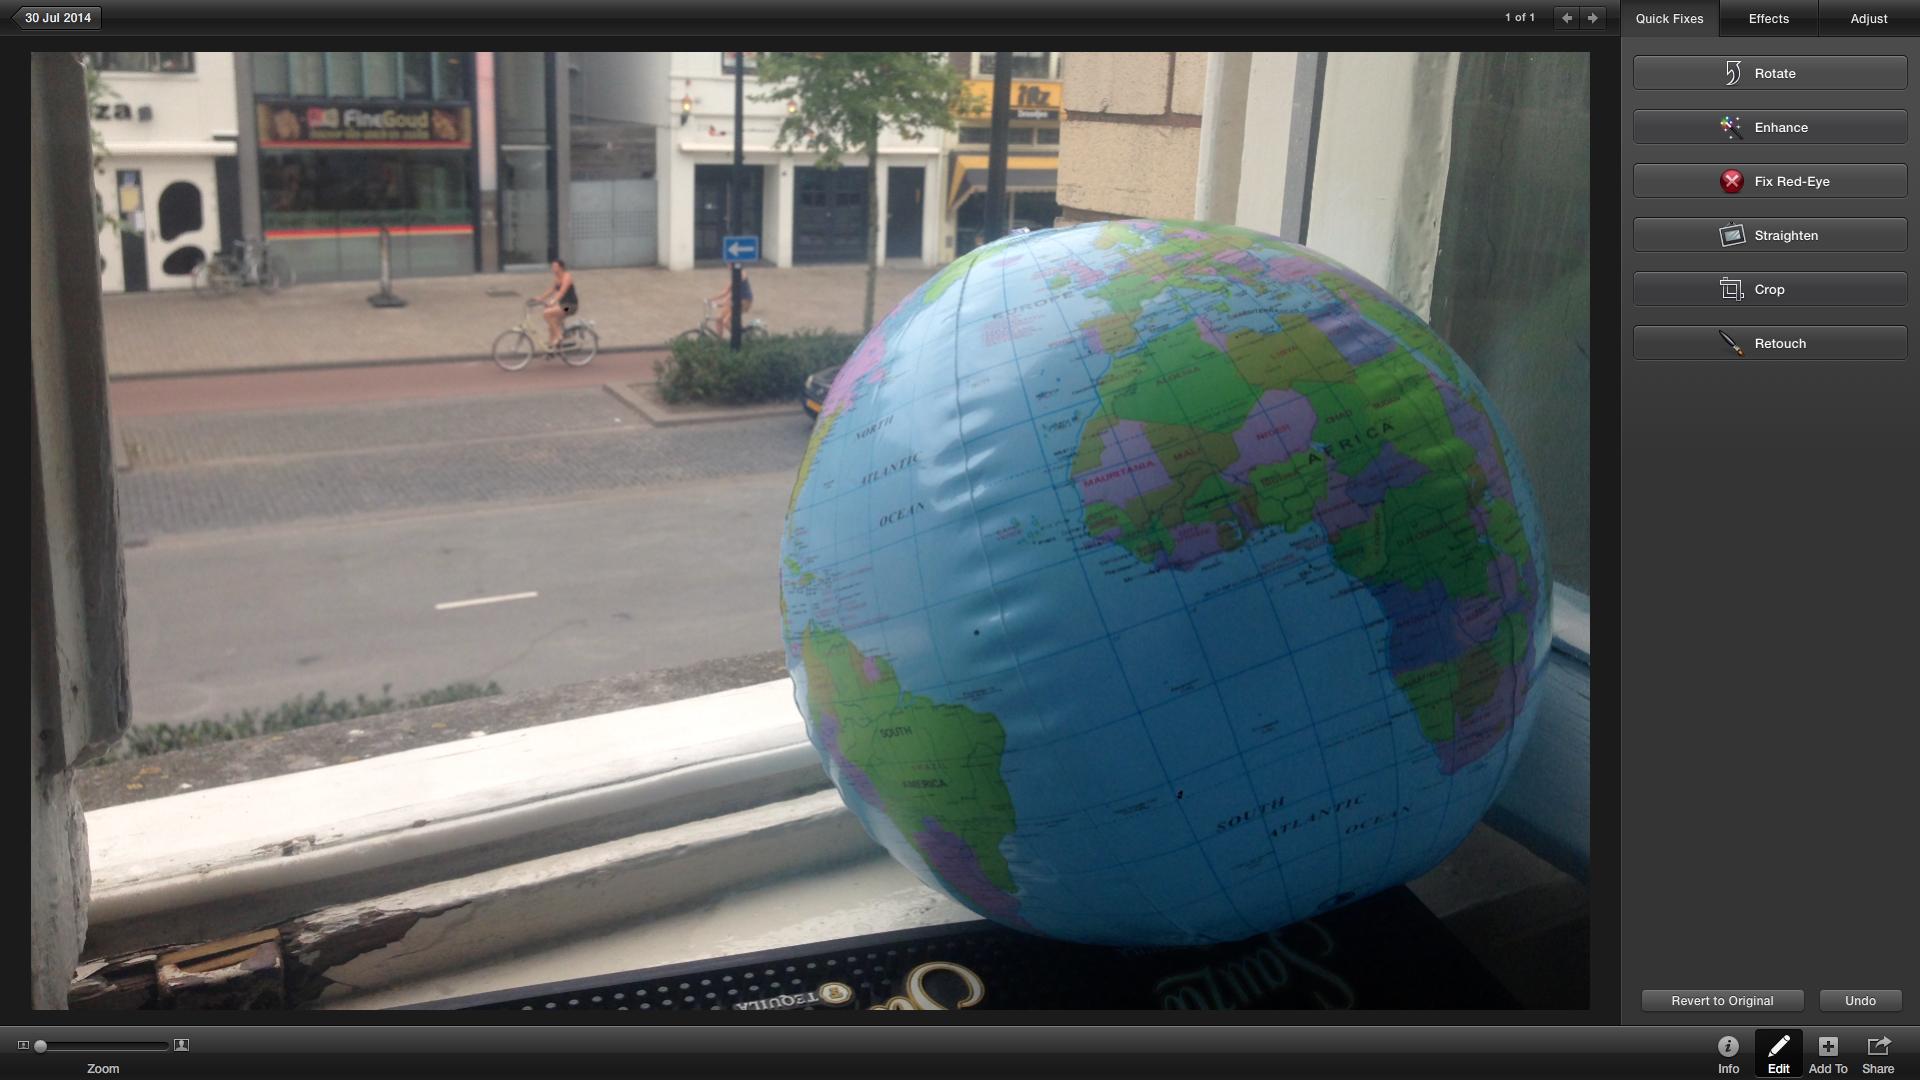 Screen Shot 2014-07-30 at 13.47.50